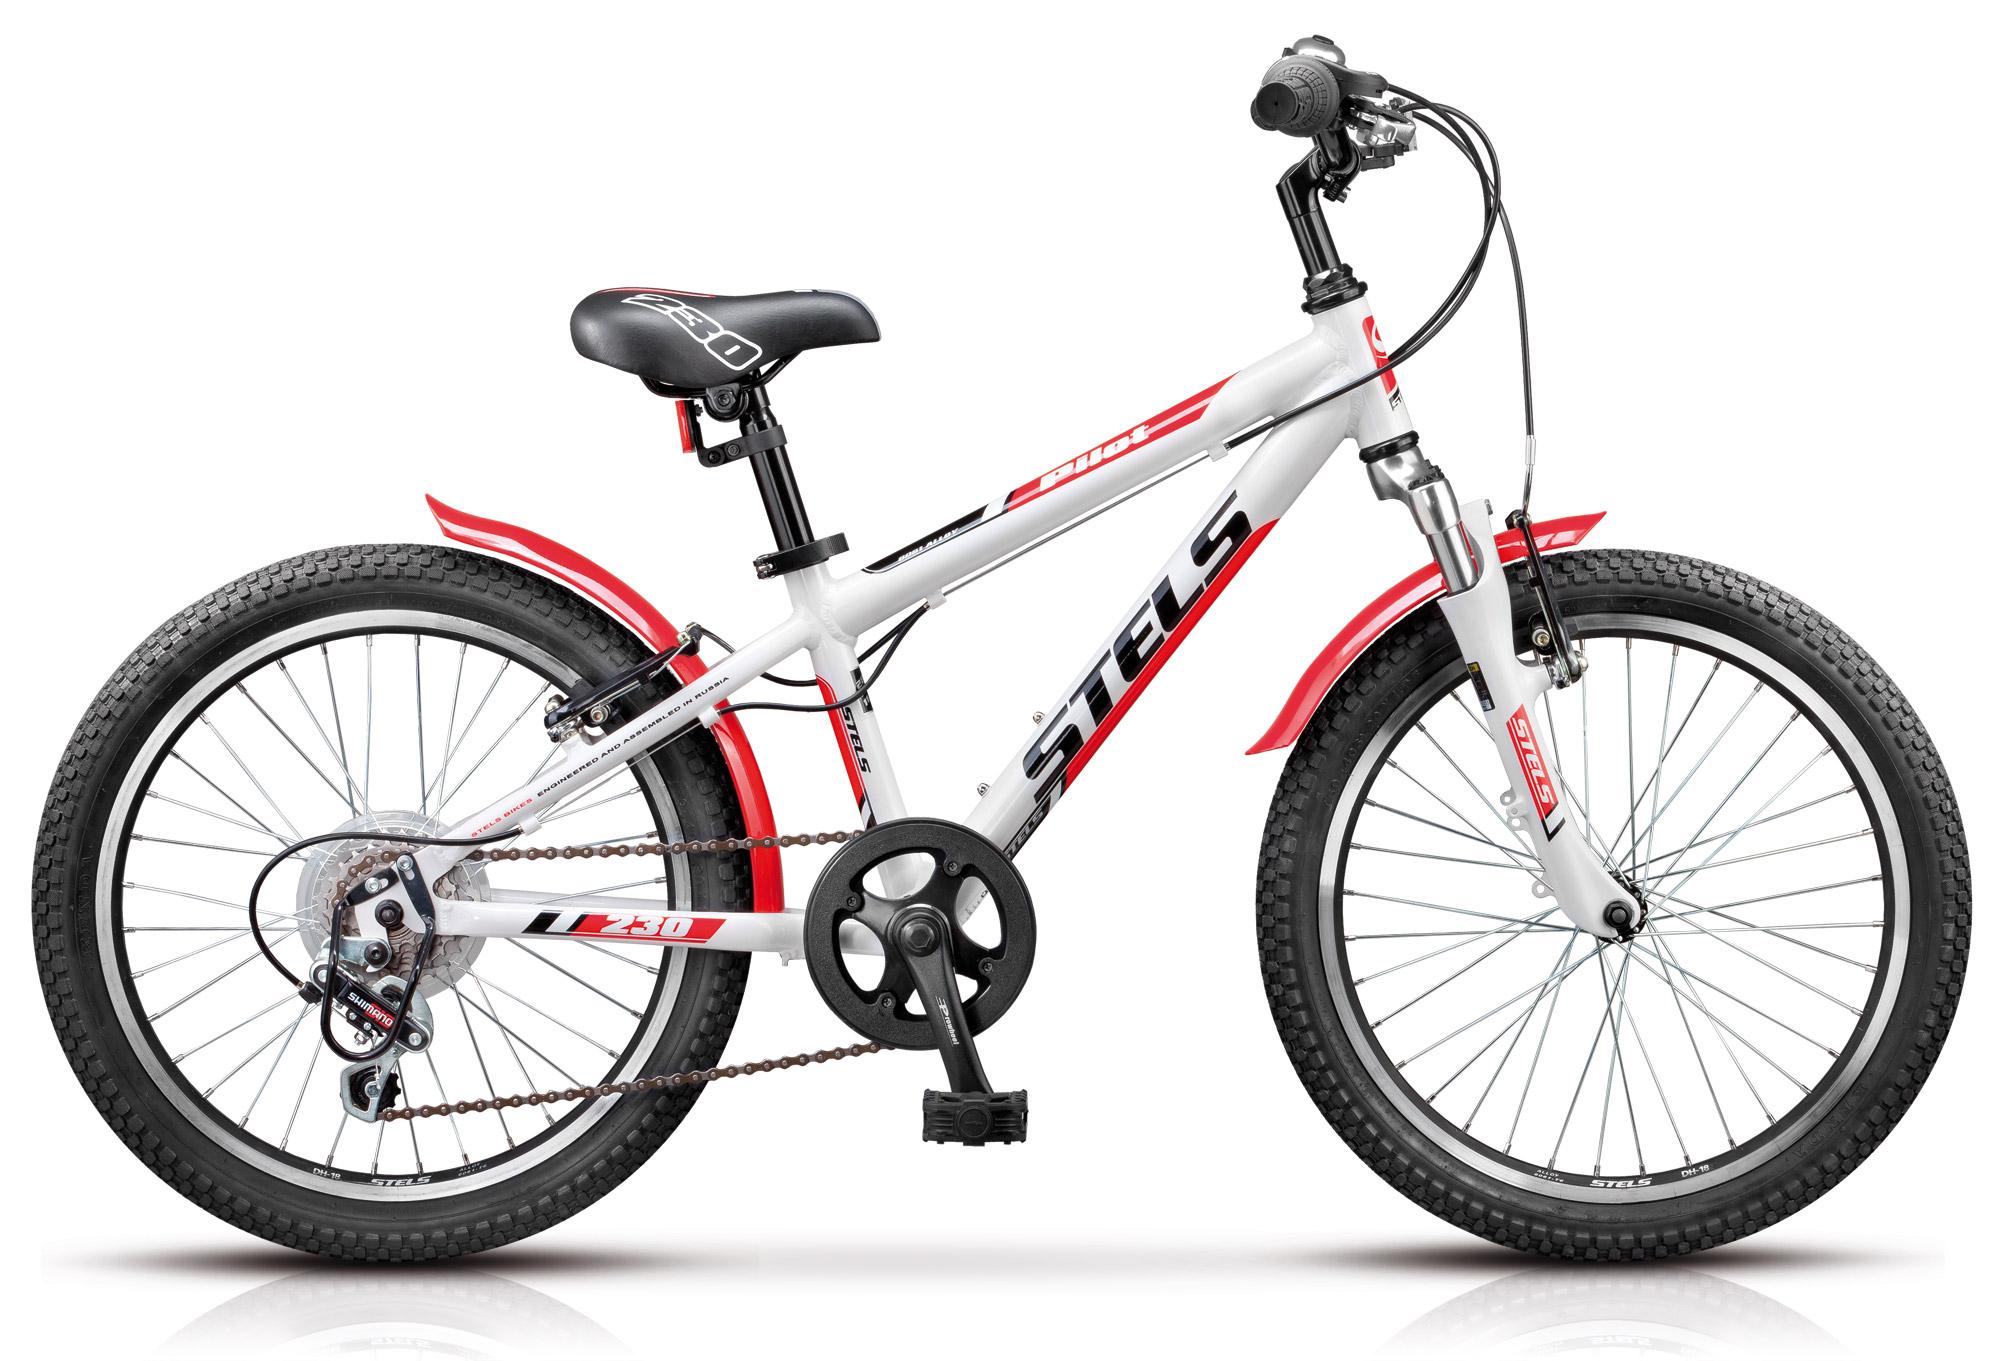 Велосипед Stels Pilot-230 Gent 20.15Велосипеды Stels<br>Подростковый горный велосипед с колесами размером 20 дюймов предназначен для катания в городе и по пересеченной местности. Велосипед оборудован тормозами V-brake и жетской вилкой. Шифтеры Shimano обеспечат плавное и точное переключение передач. Велосипед ...<br>